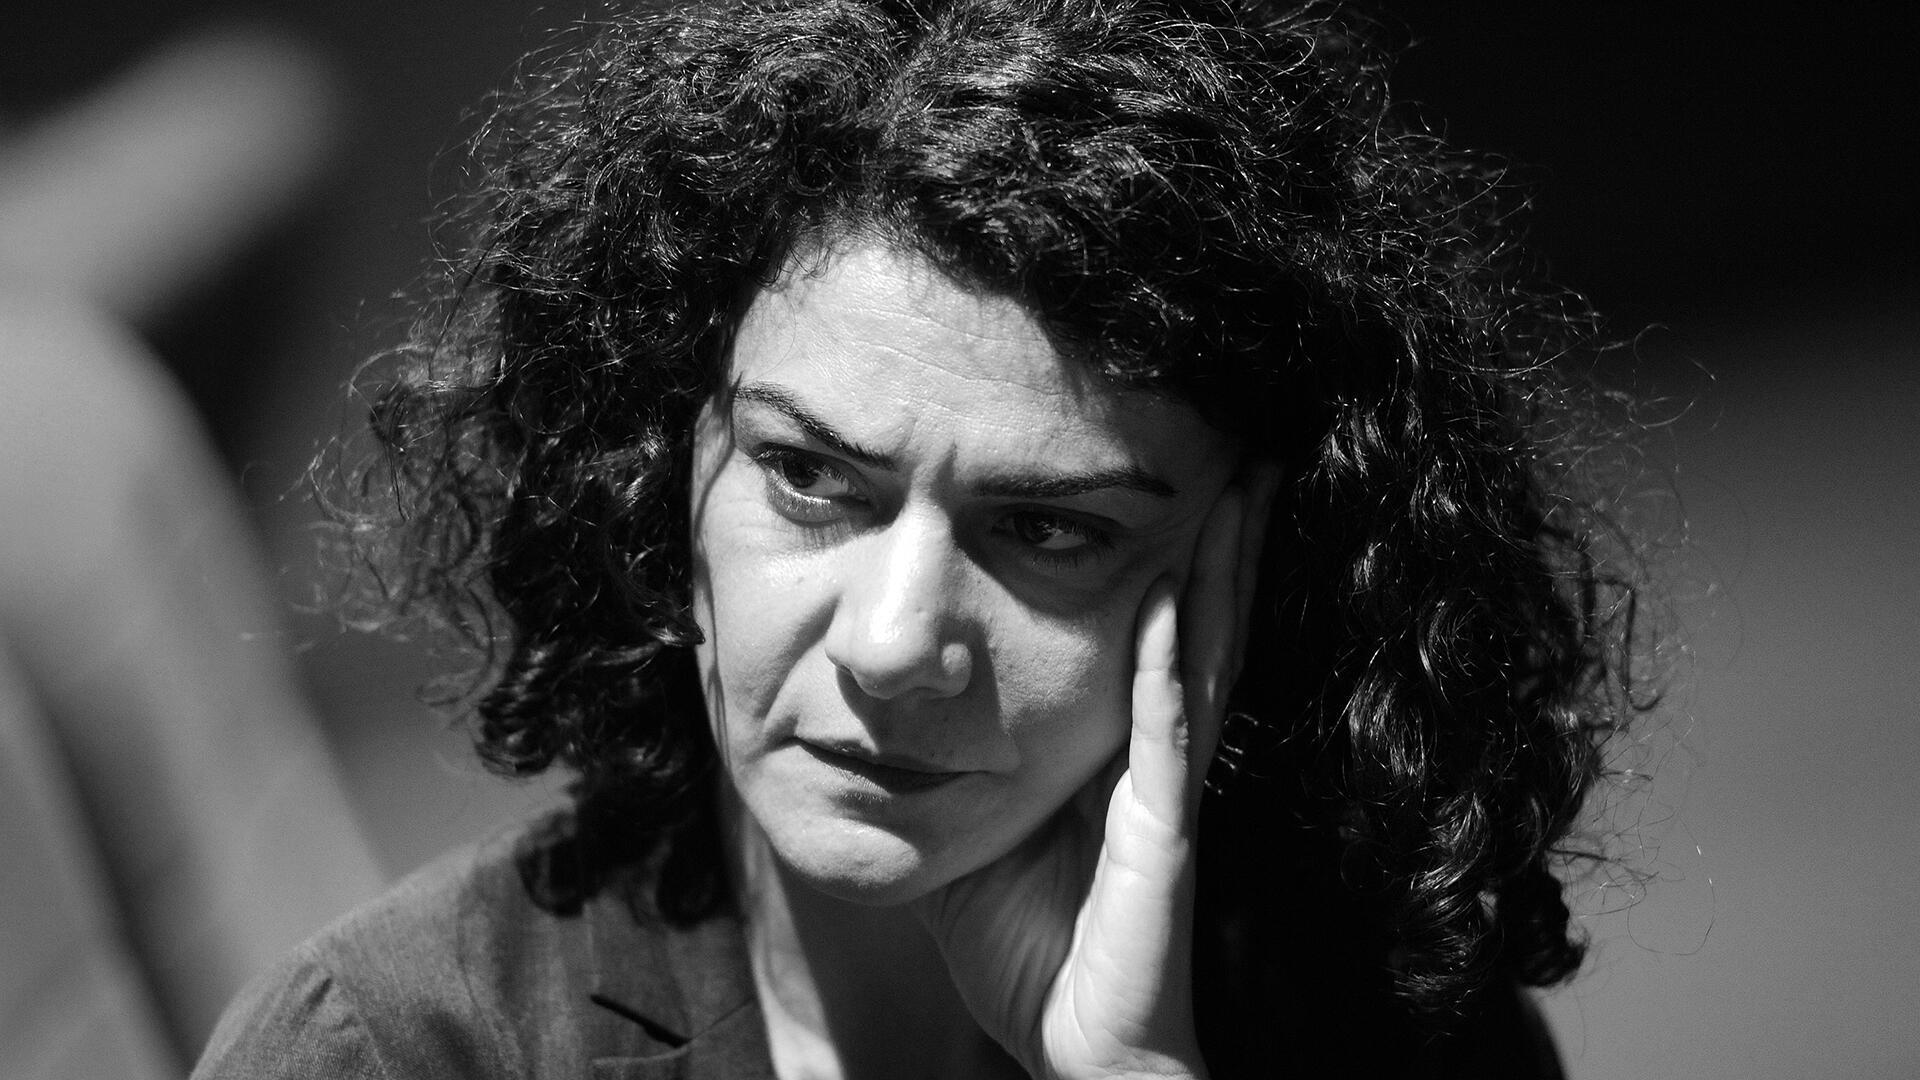 Cinéma - Nora Martirosyan _ film Si le vent tombe - Tous les cinémas du monde _  Robert Terzian